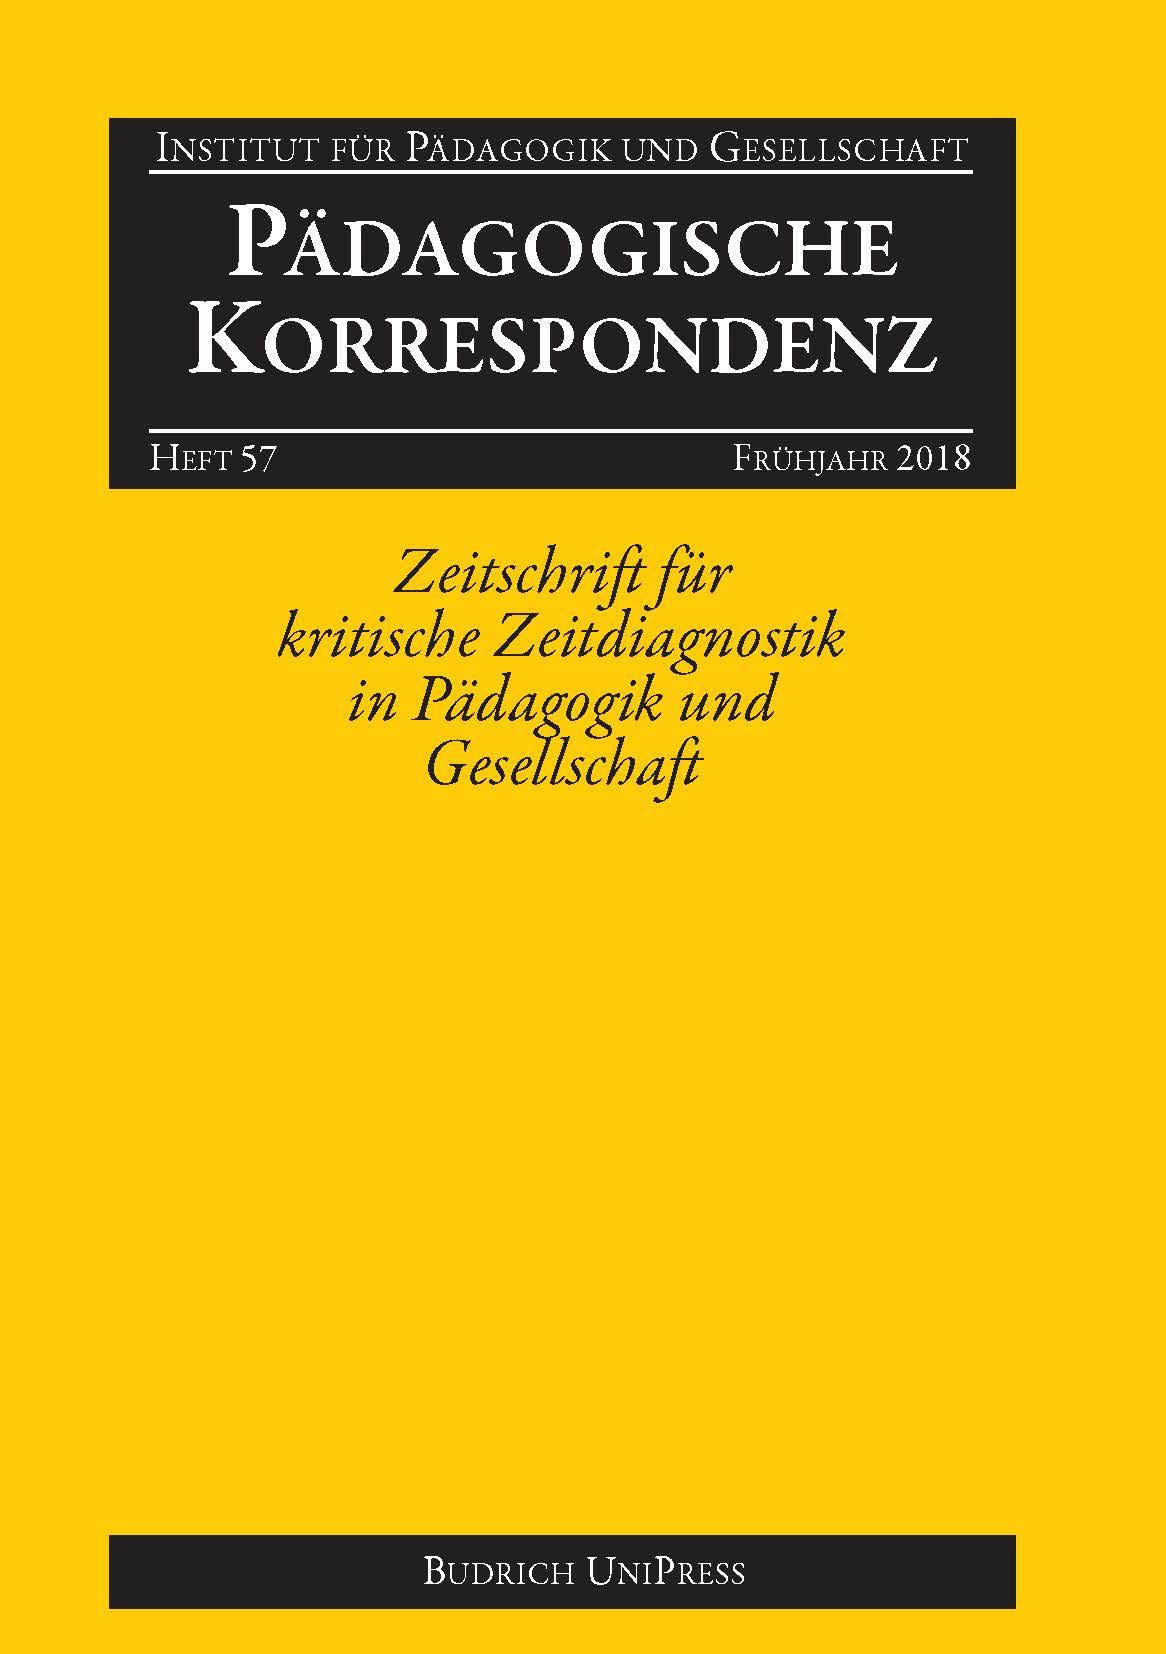 Pädagogische Korrespondenz 57 (1-2018): Freie Beiträge